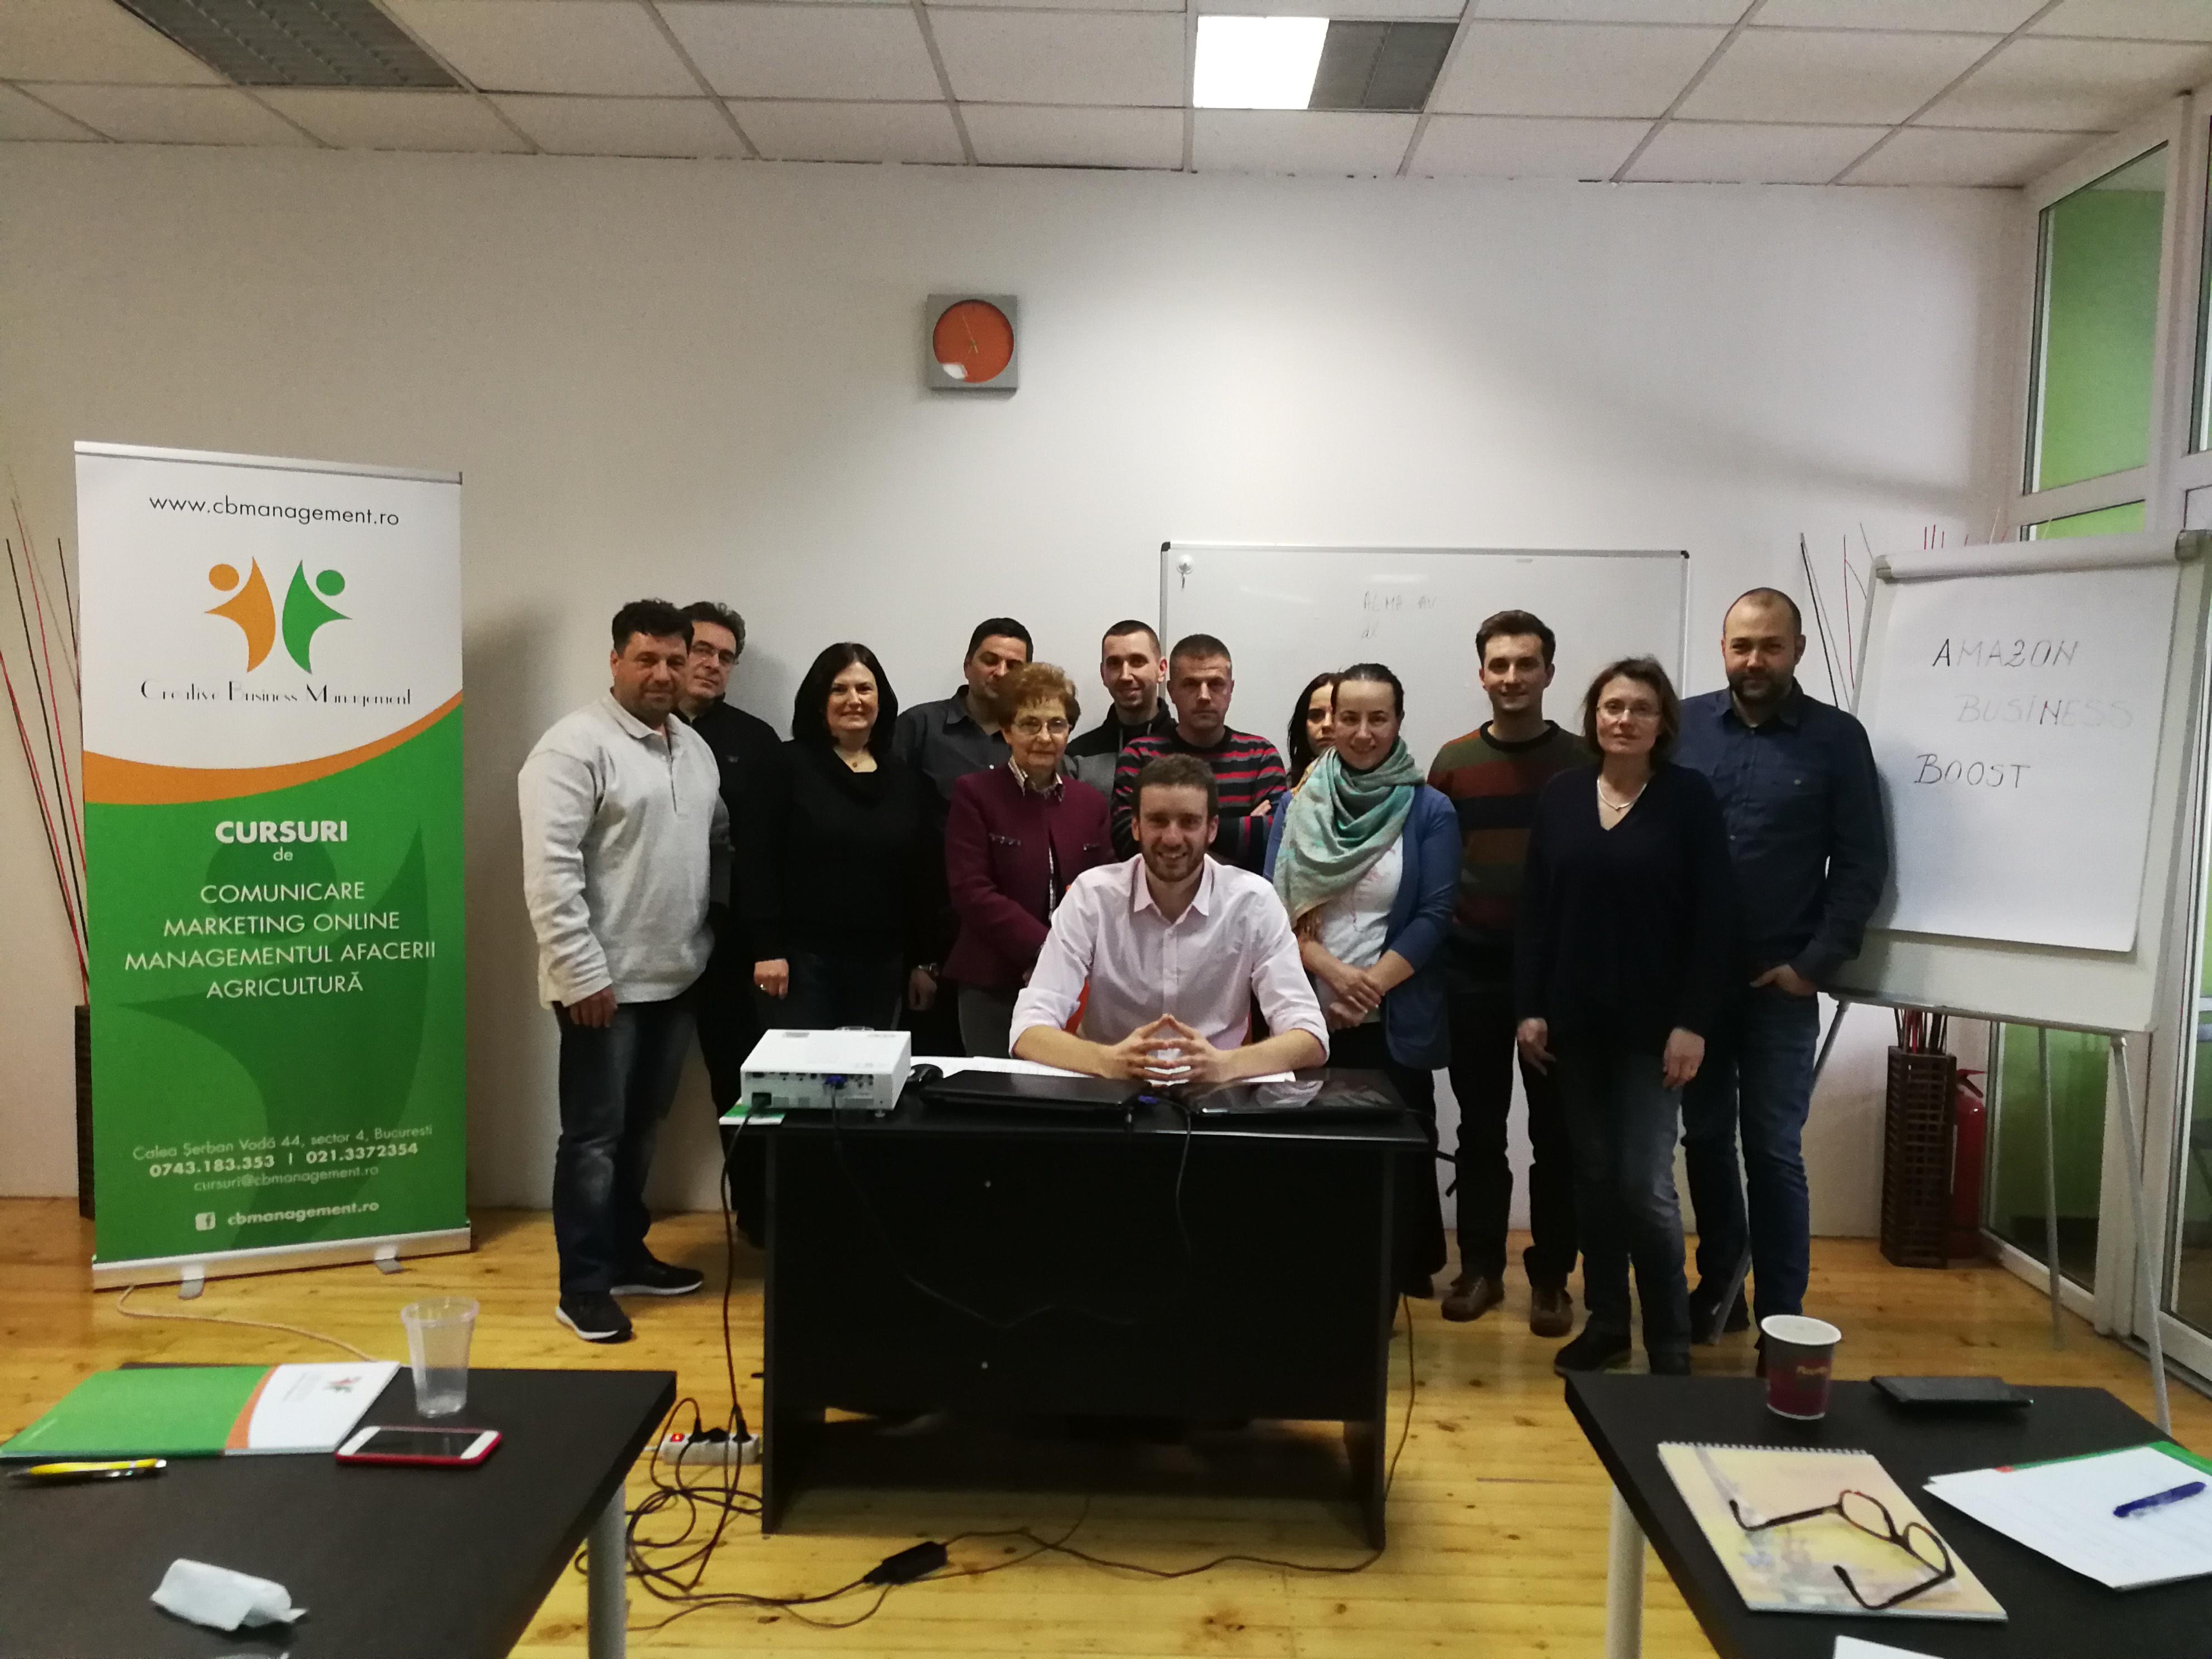 Cum poti incepe o afacere pe Amazon, experienta personala a trainerului Sergiu Nichitean